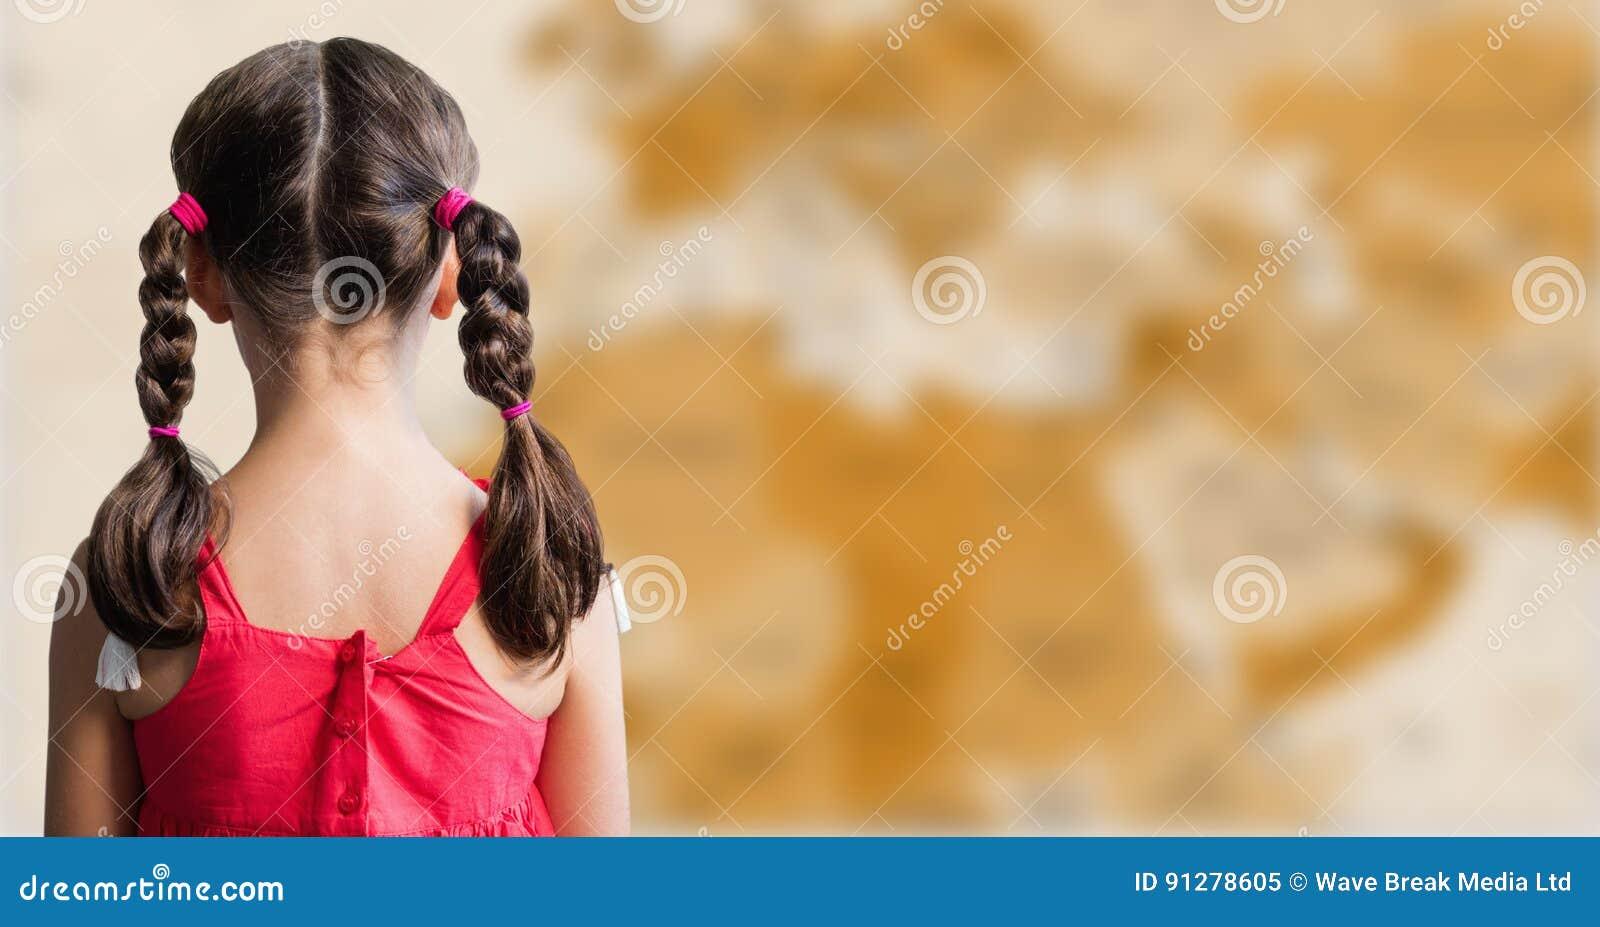 Dra tillbaka av flicka med flätade trådar mot oskarp brun översikt